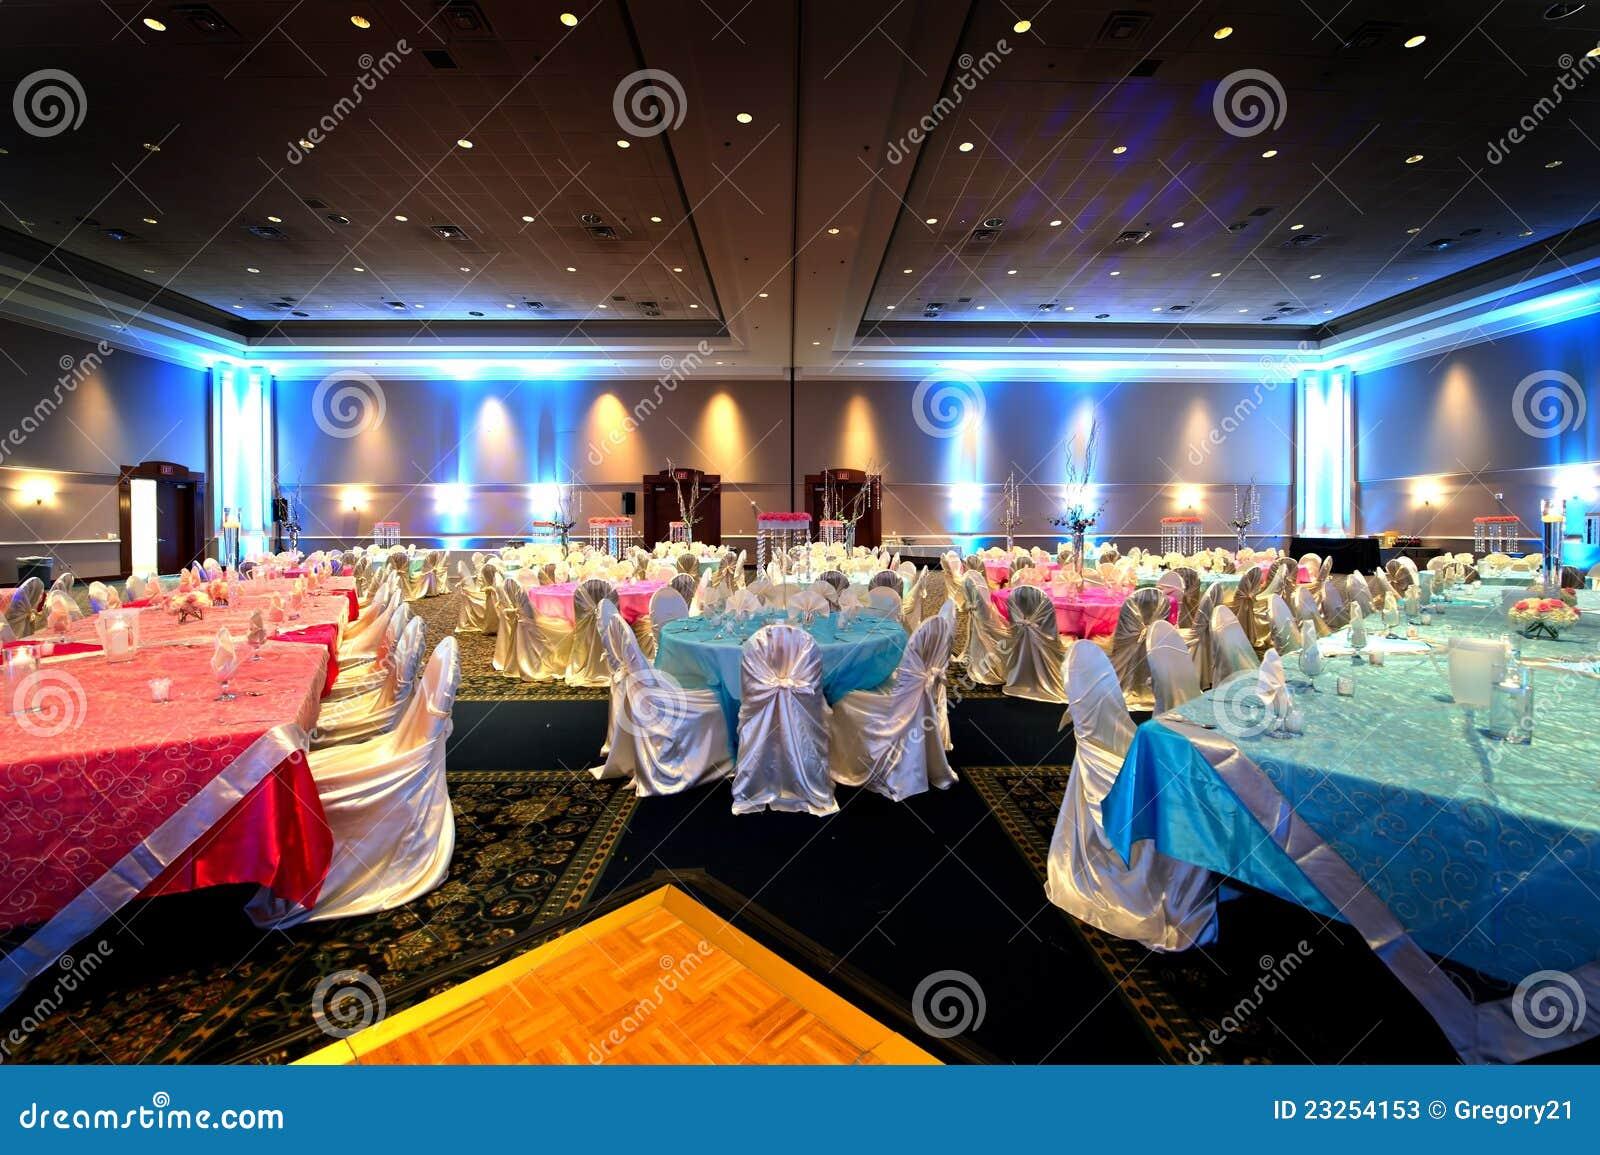 Indian Wedding Reception Stock Image Image Of Decoration 23254153